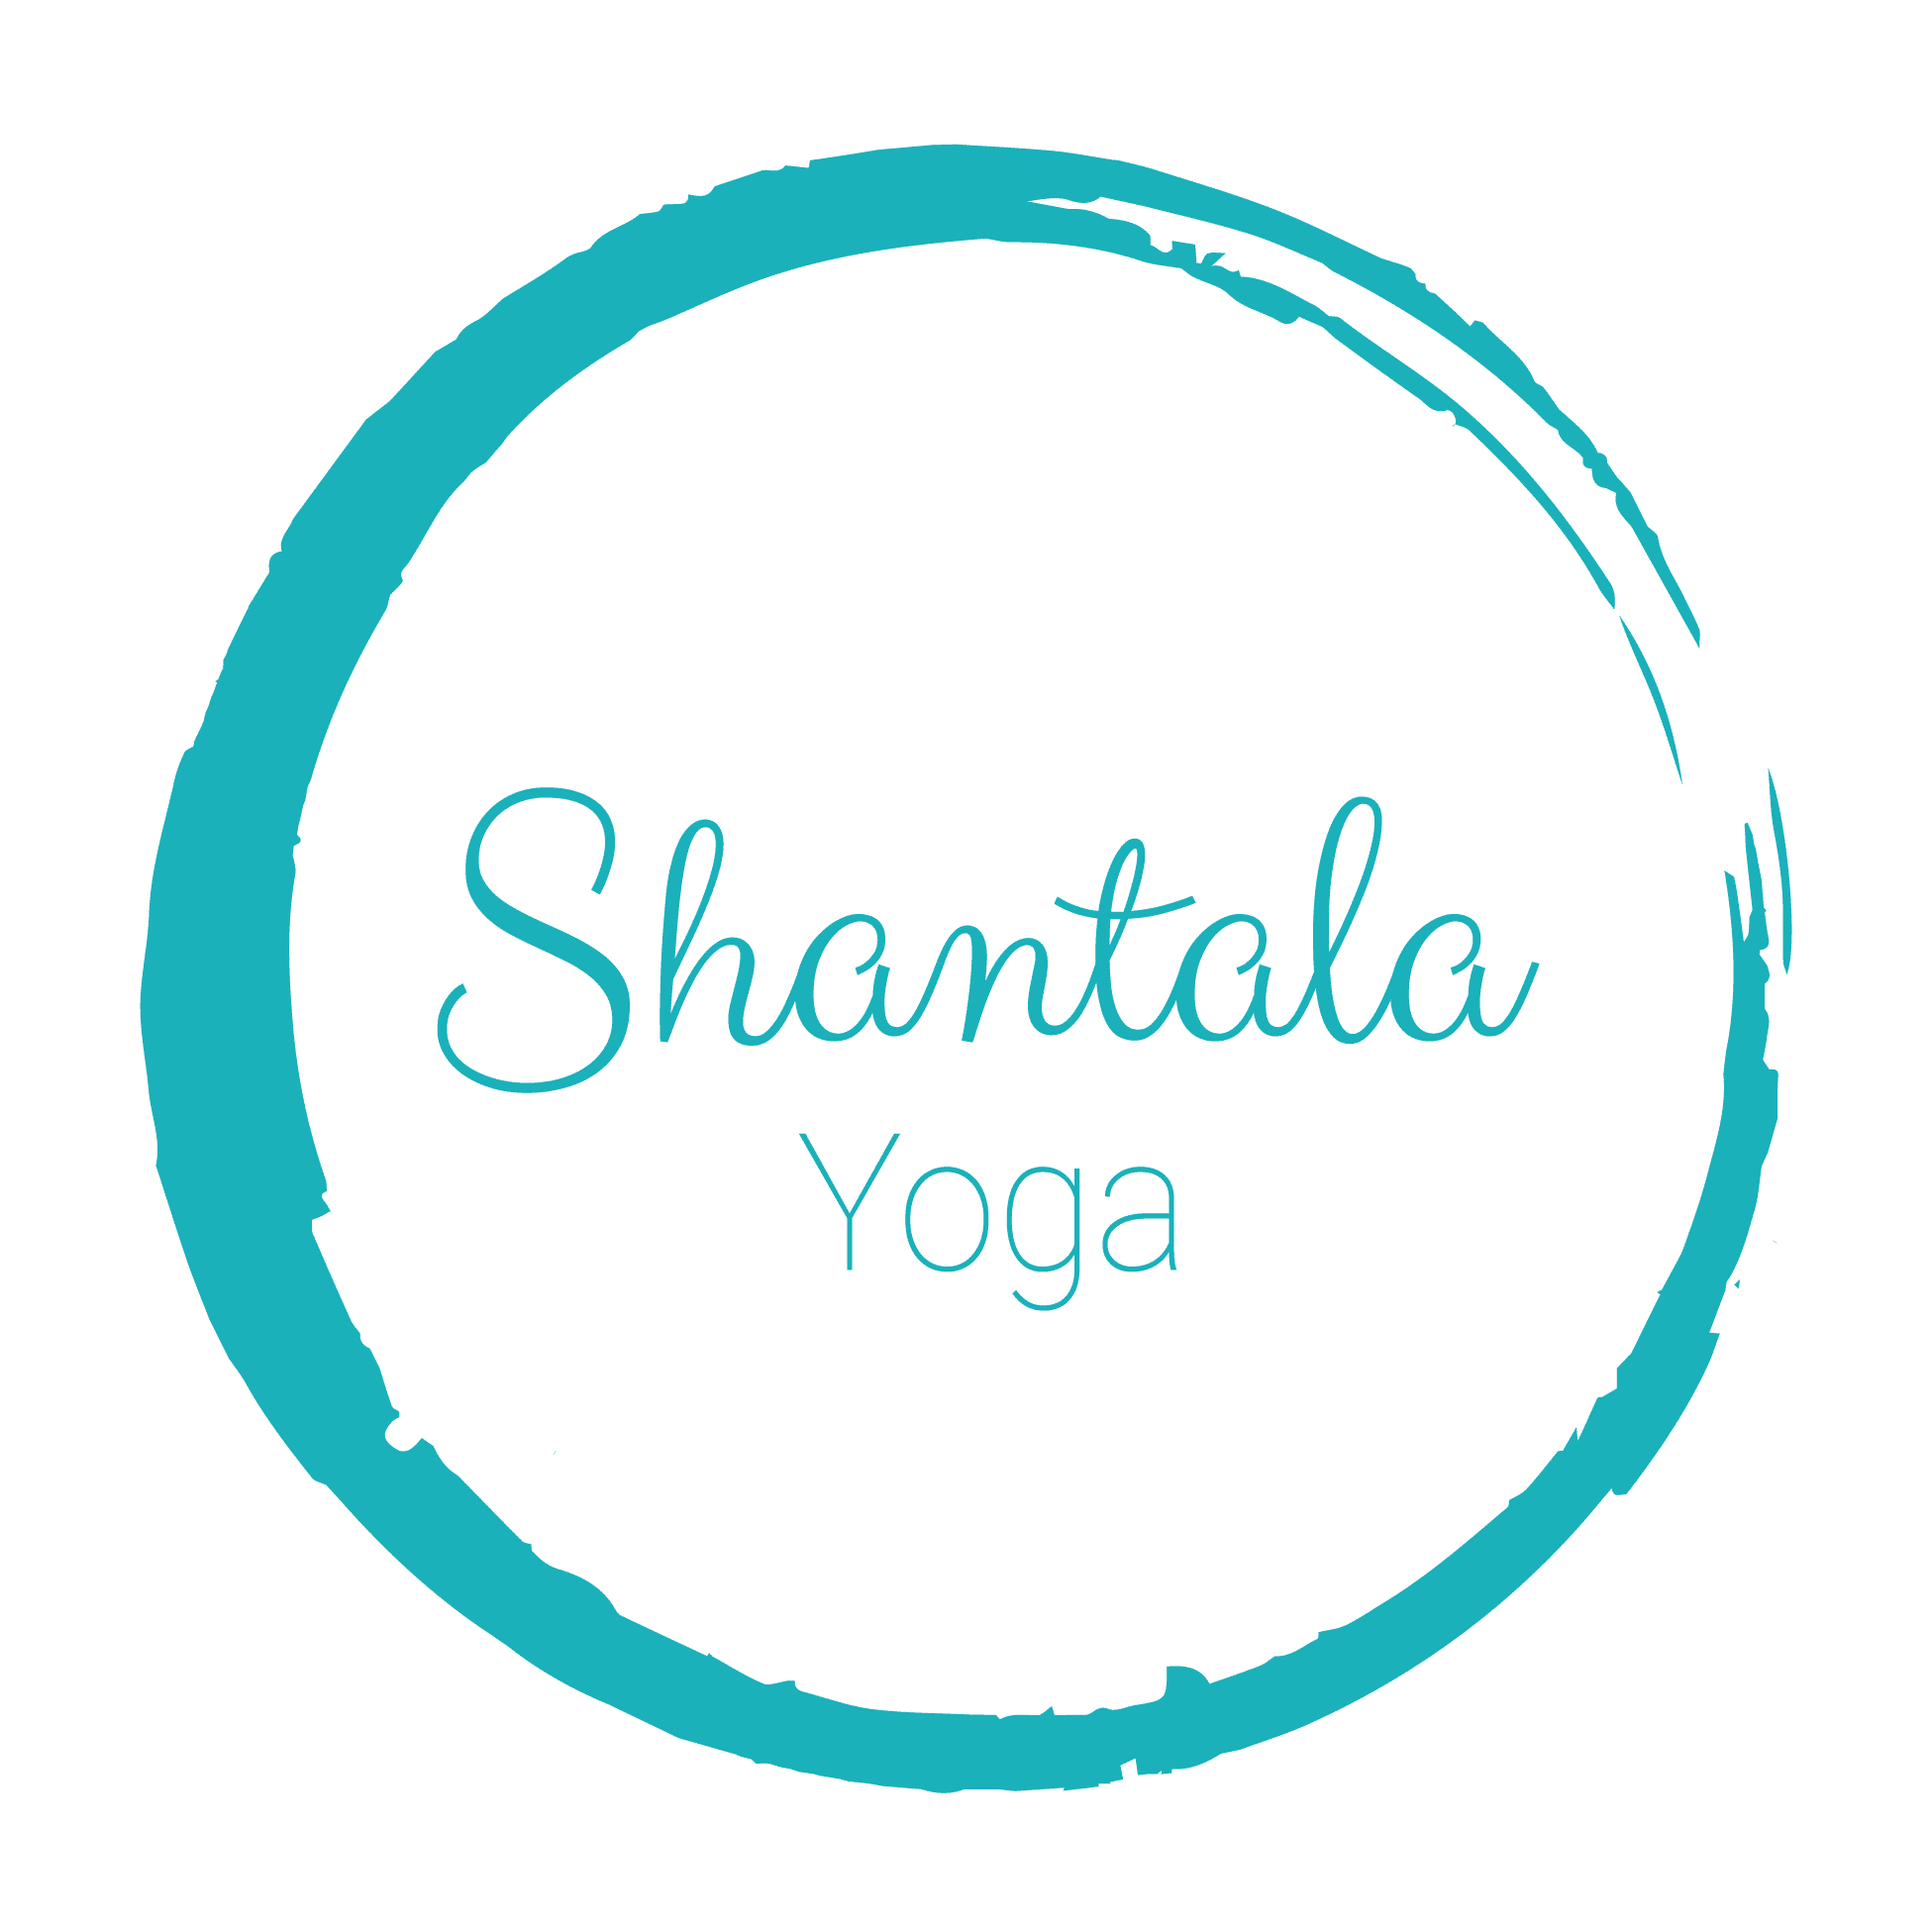 Shantala Yoga Bussy St Georges - Cours de yoga et pilates à Marne la Vallée, Val d'Europe, Seine et Marne 77